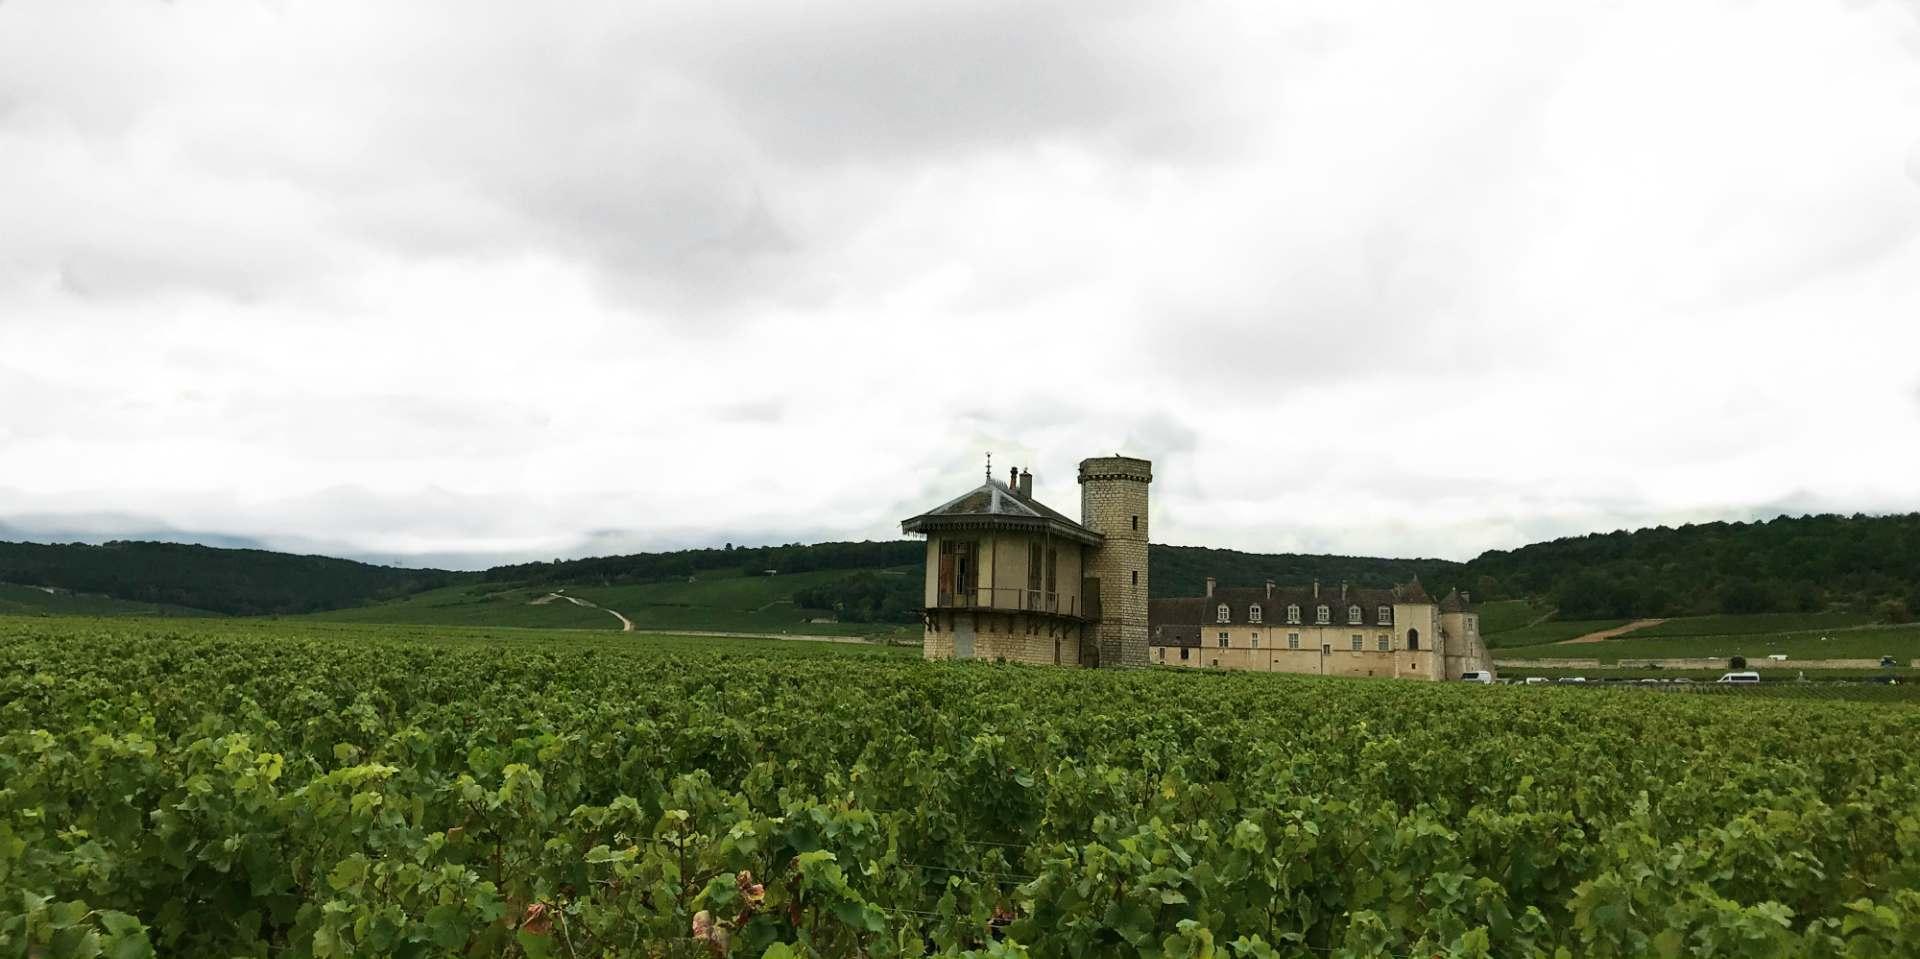 Château de la Tour, Clos de Vougeot